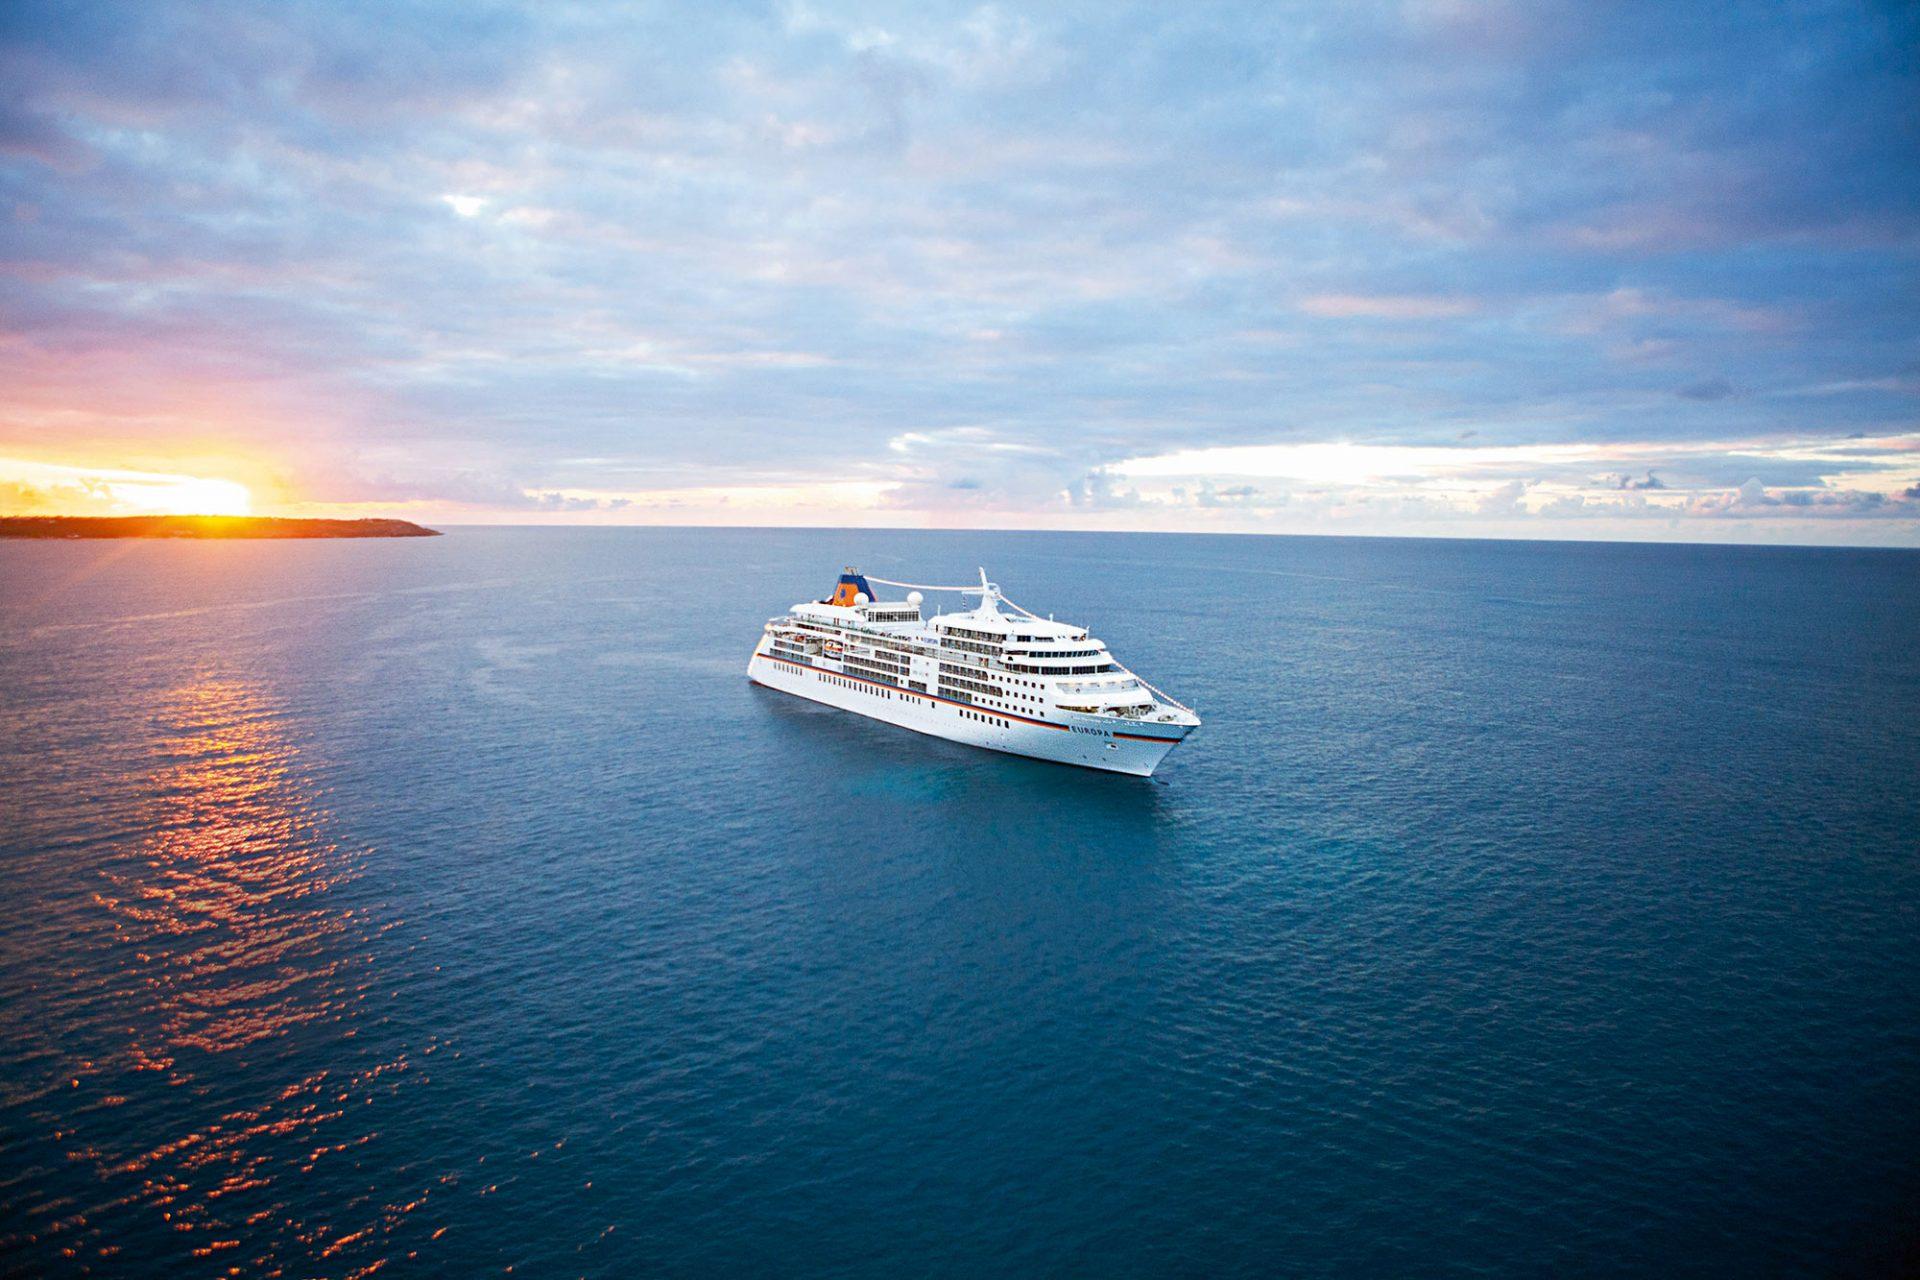 MS EUROPA, das Fünf-Sterne-Plus Kreuzfahrtschiff (laut Berlitz Cruise Guide)